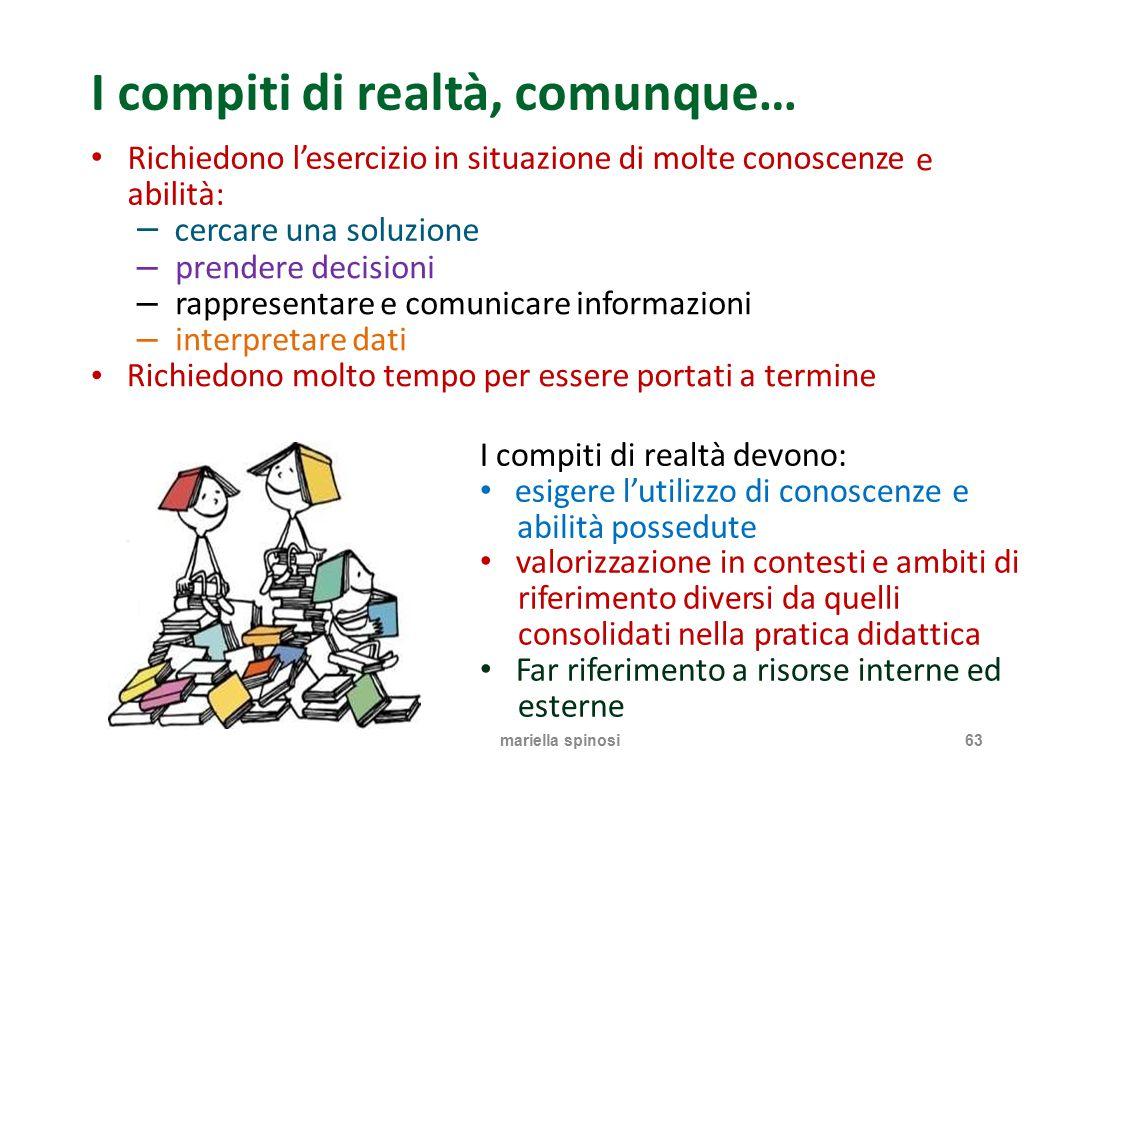 I compiti di realtà, comunque… Richiedono l'esercizio in situazione di molte conoscenze abilità: − cercare una soluzione e −−−−−− prendere decisioni r